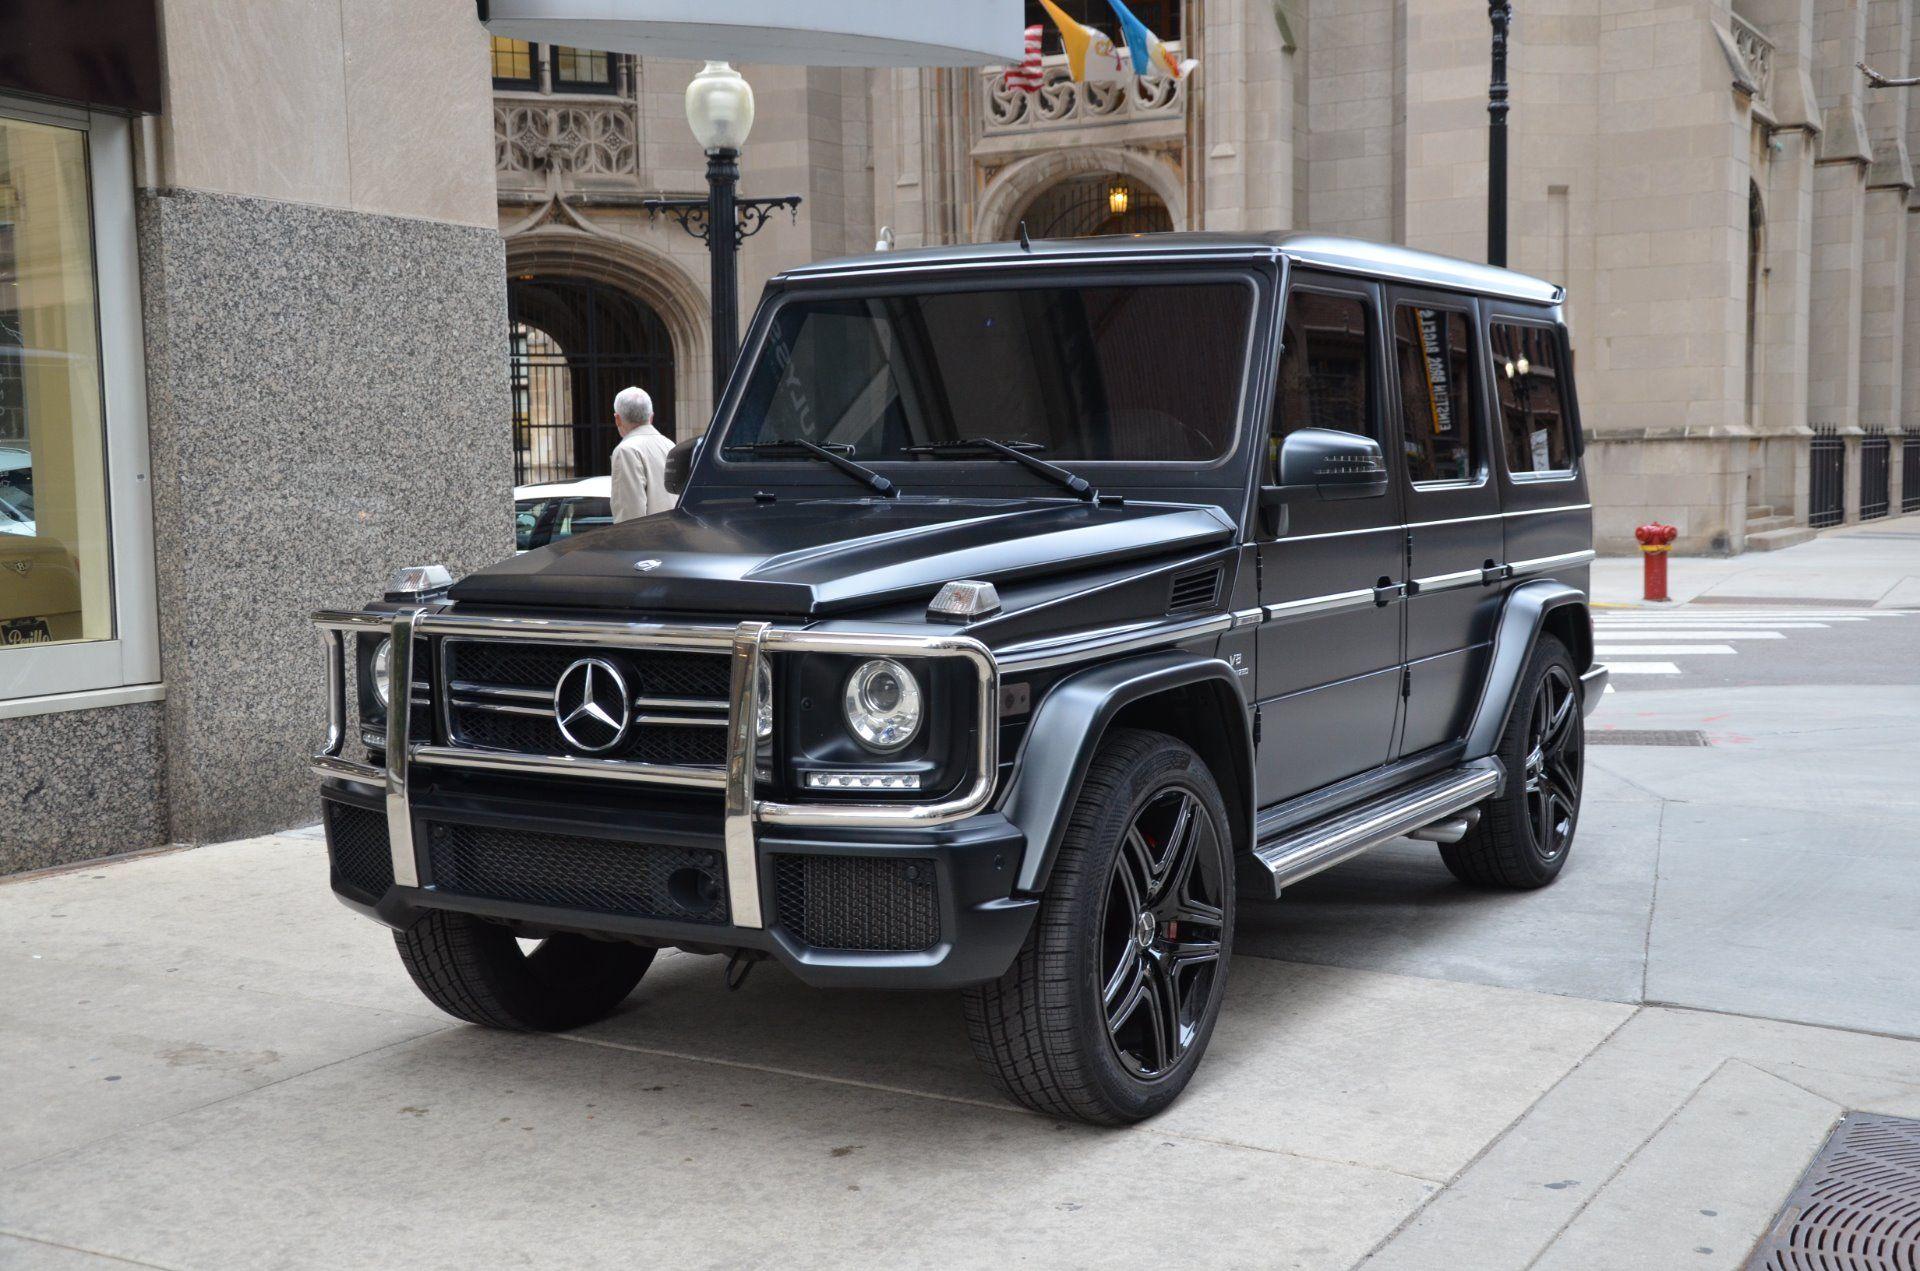 2013 Mercedes Benz G Class Such a cool car ГЕЛÐ